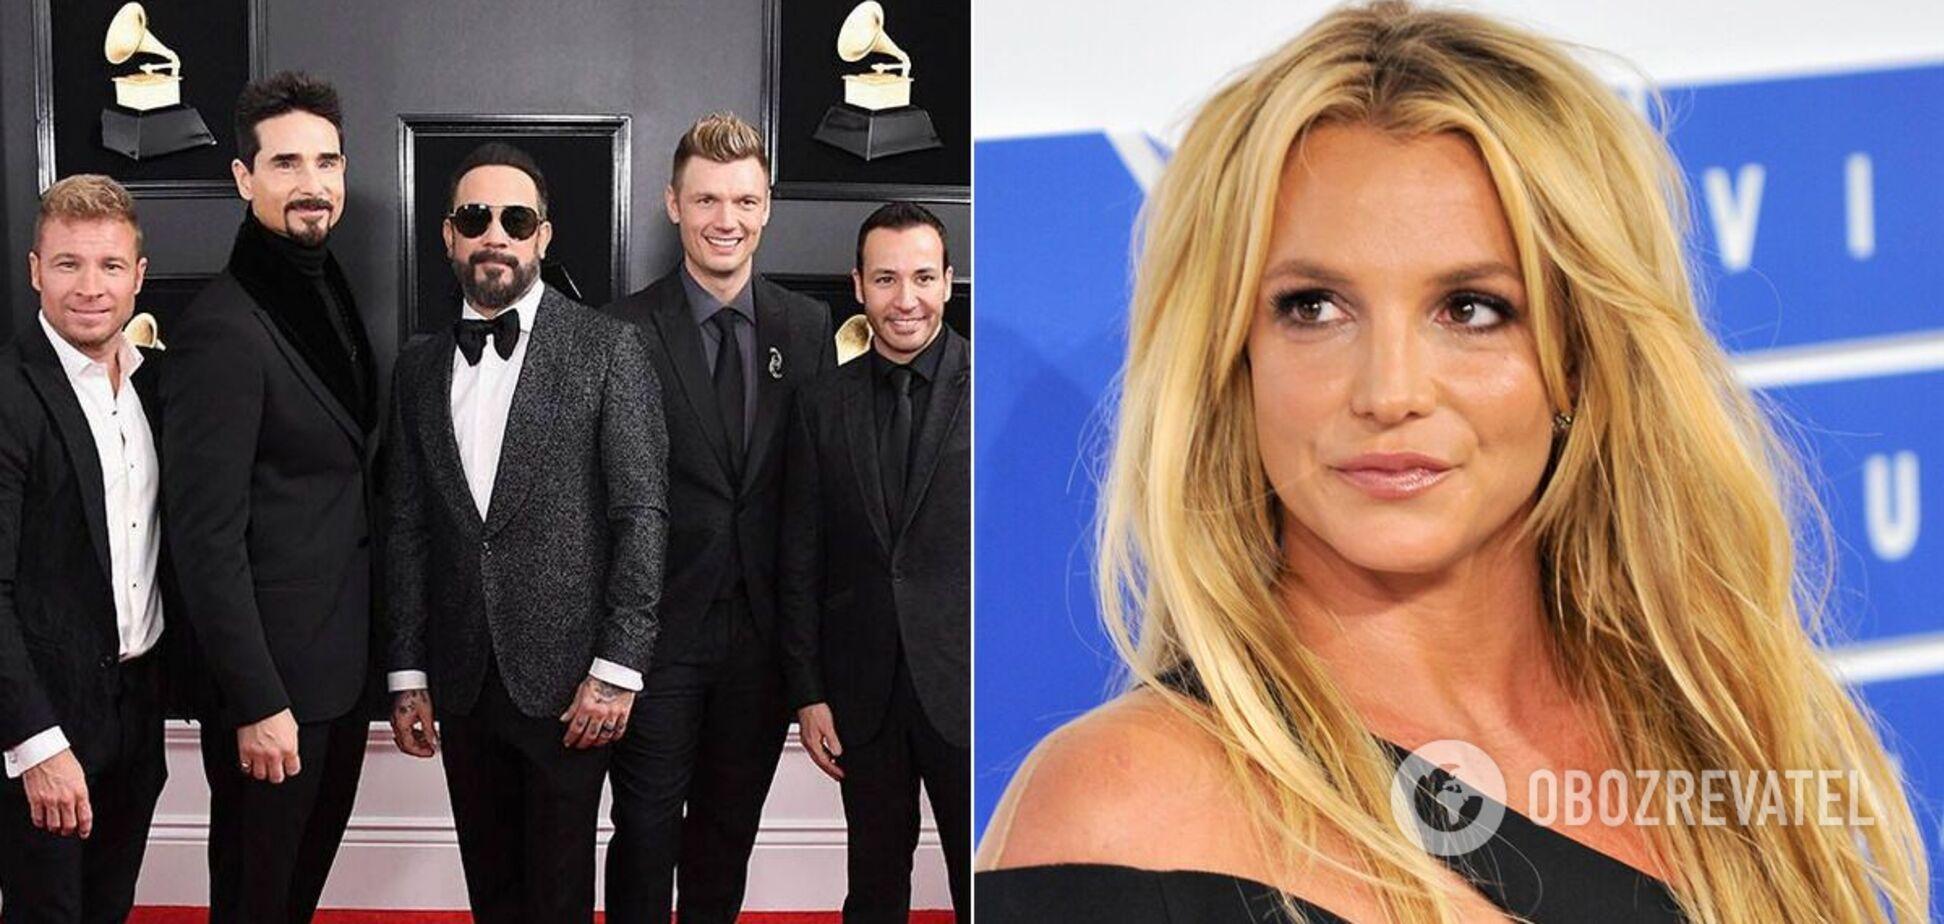 Брітні Спірс випустила пісню з легендарними Backstreet Boys